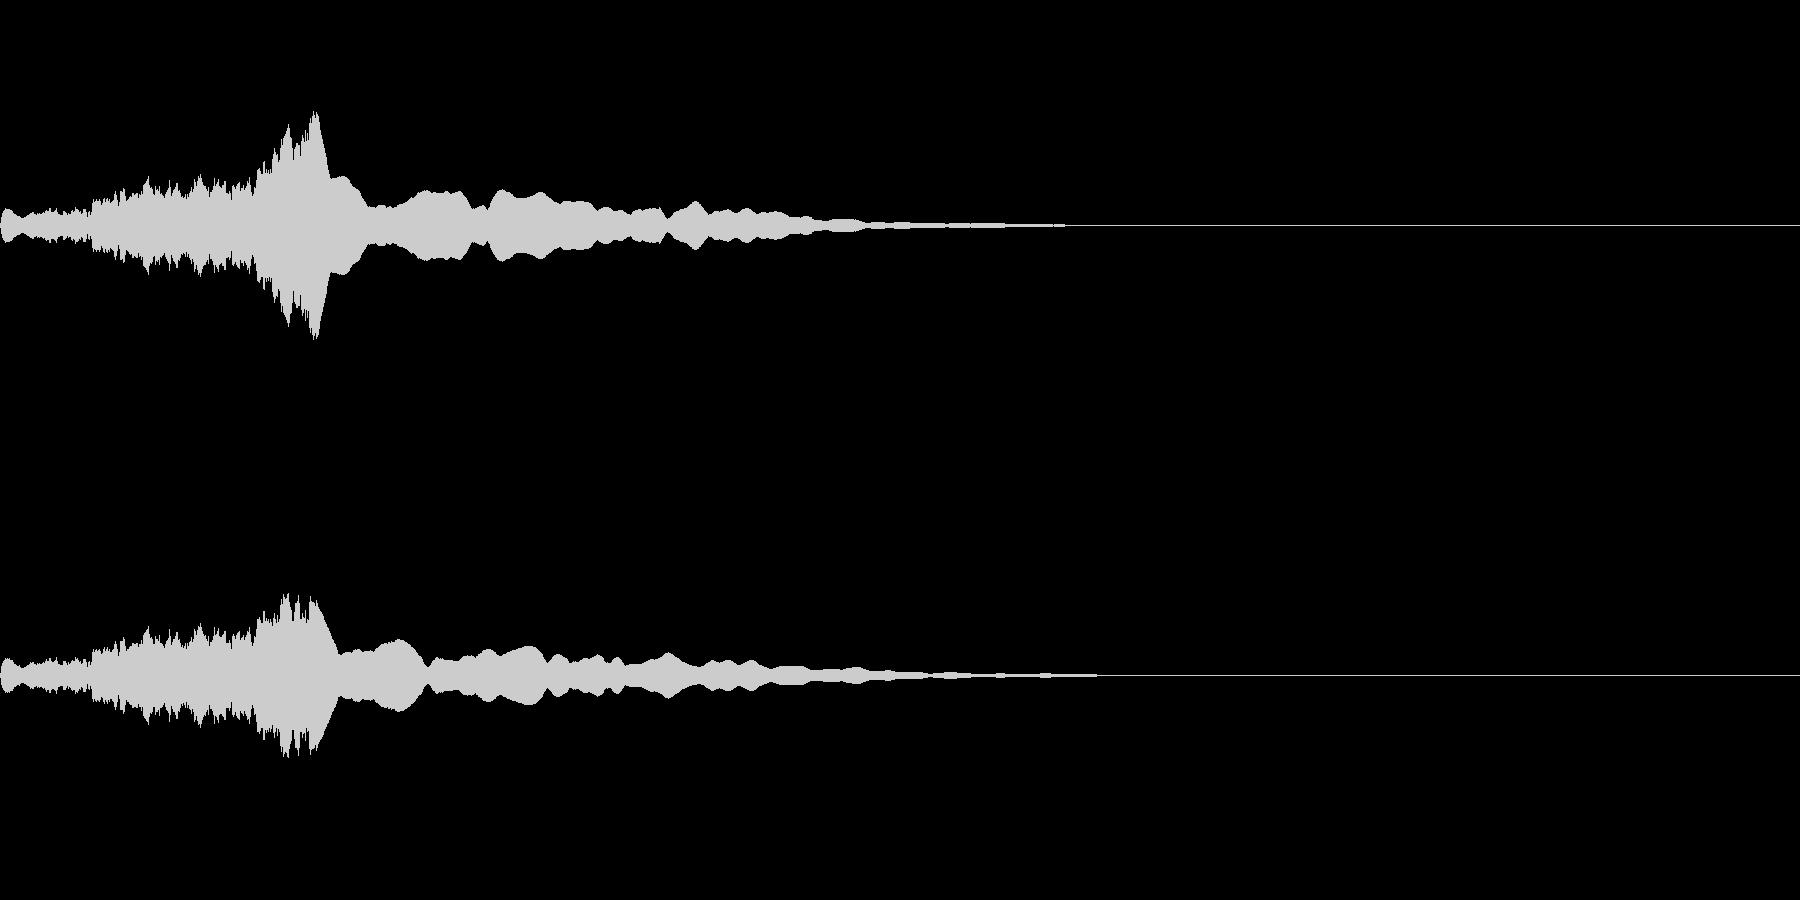 機械的な「フィーン」とゆう効果音の未再生の波形